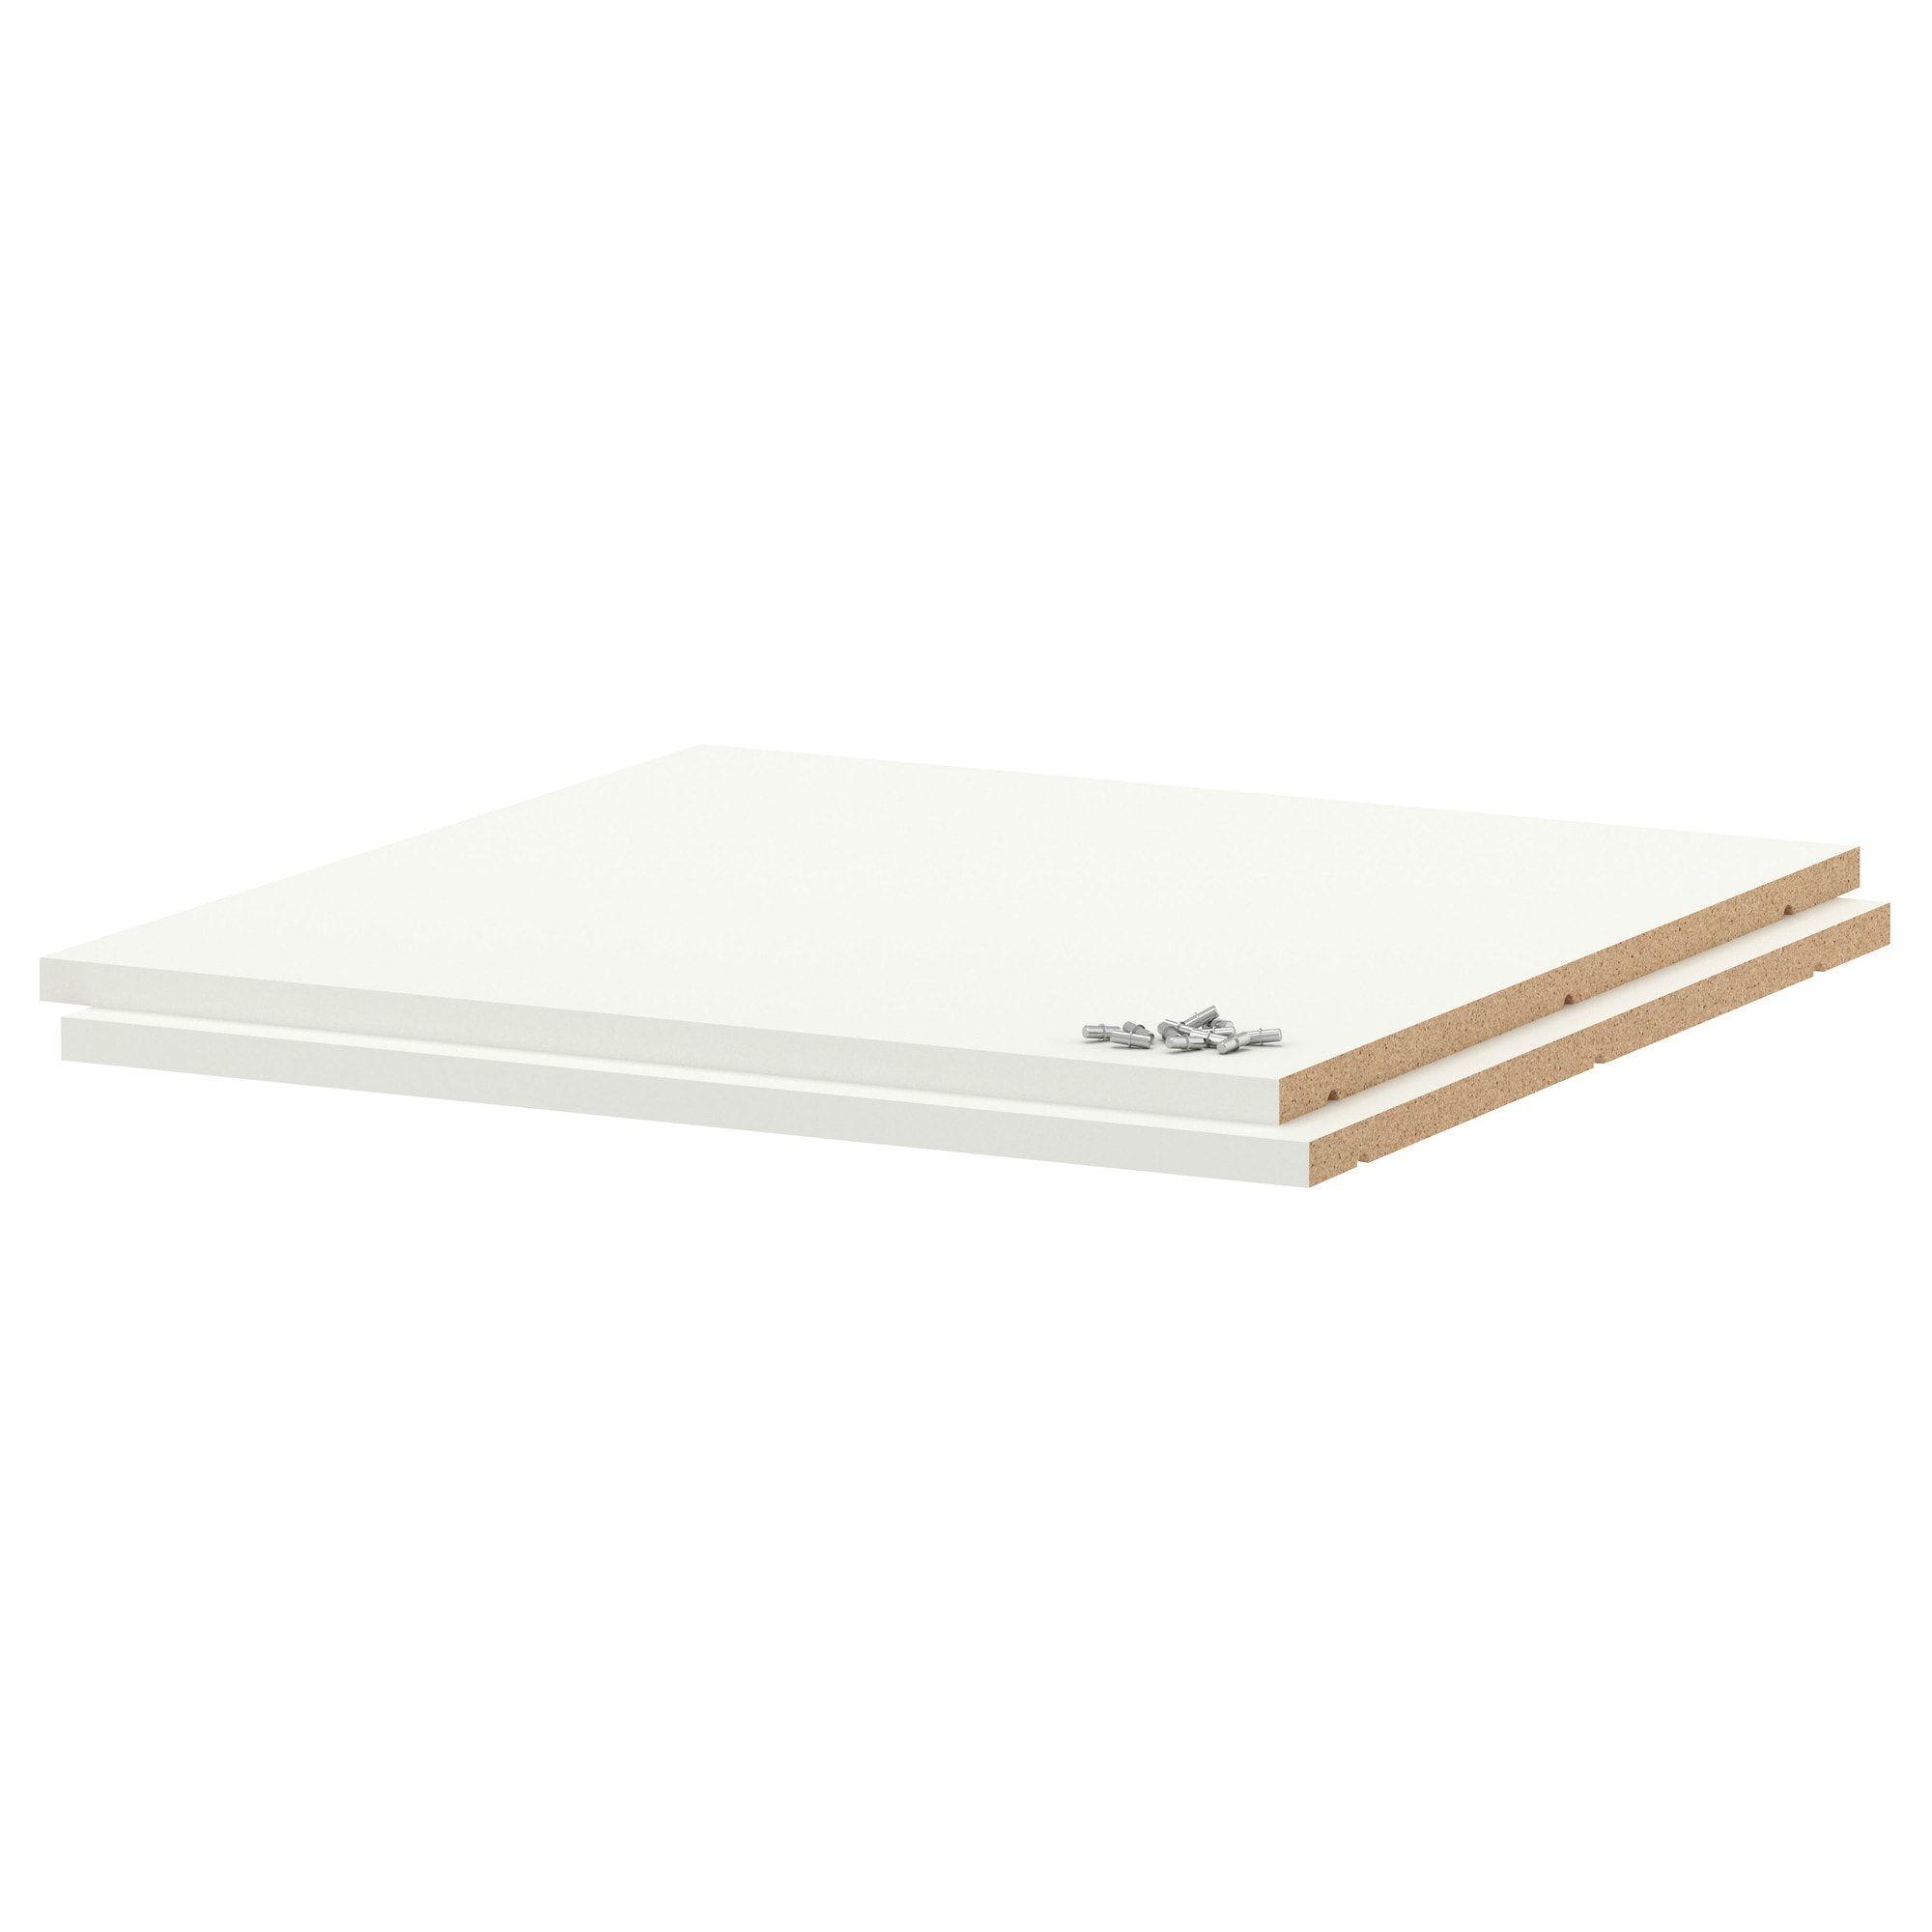 Utrusta Balda Blanco 60x60 Cm Ikea Boden Und Lieblingssachen